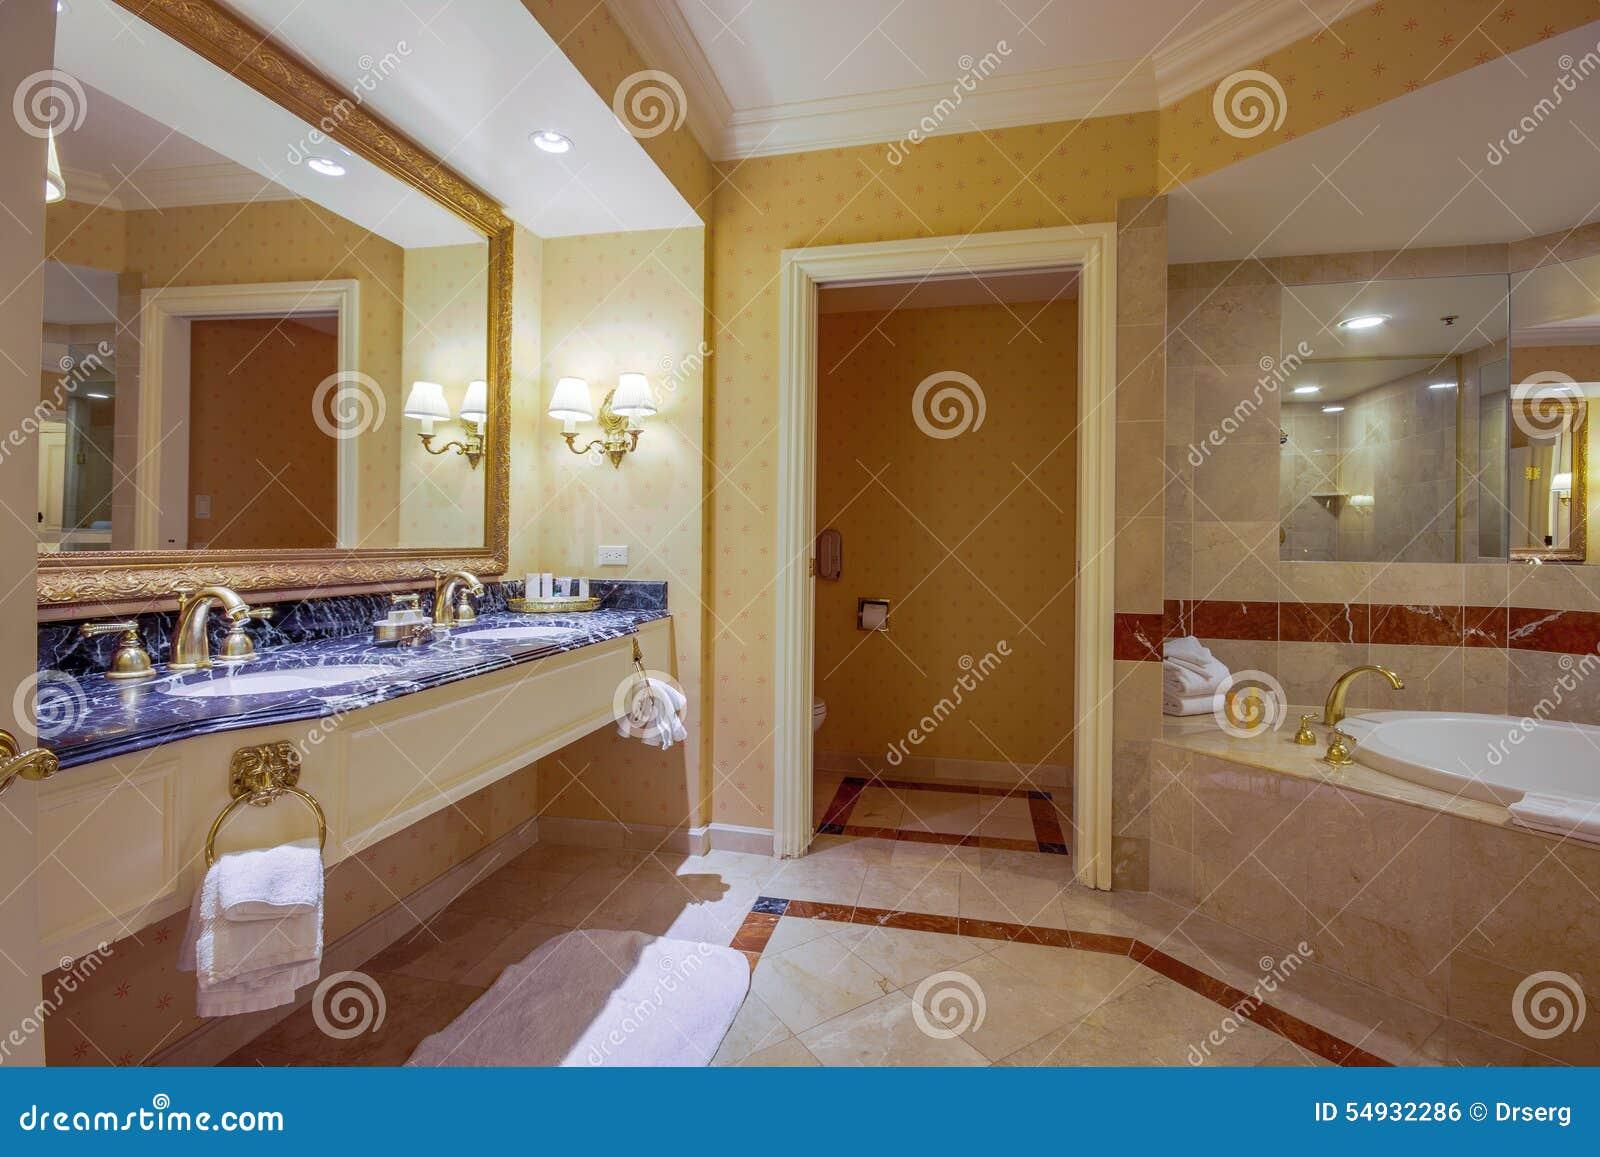 Två vaskar och bubbelpool med trappa i badrum. royaltyfri foto ...